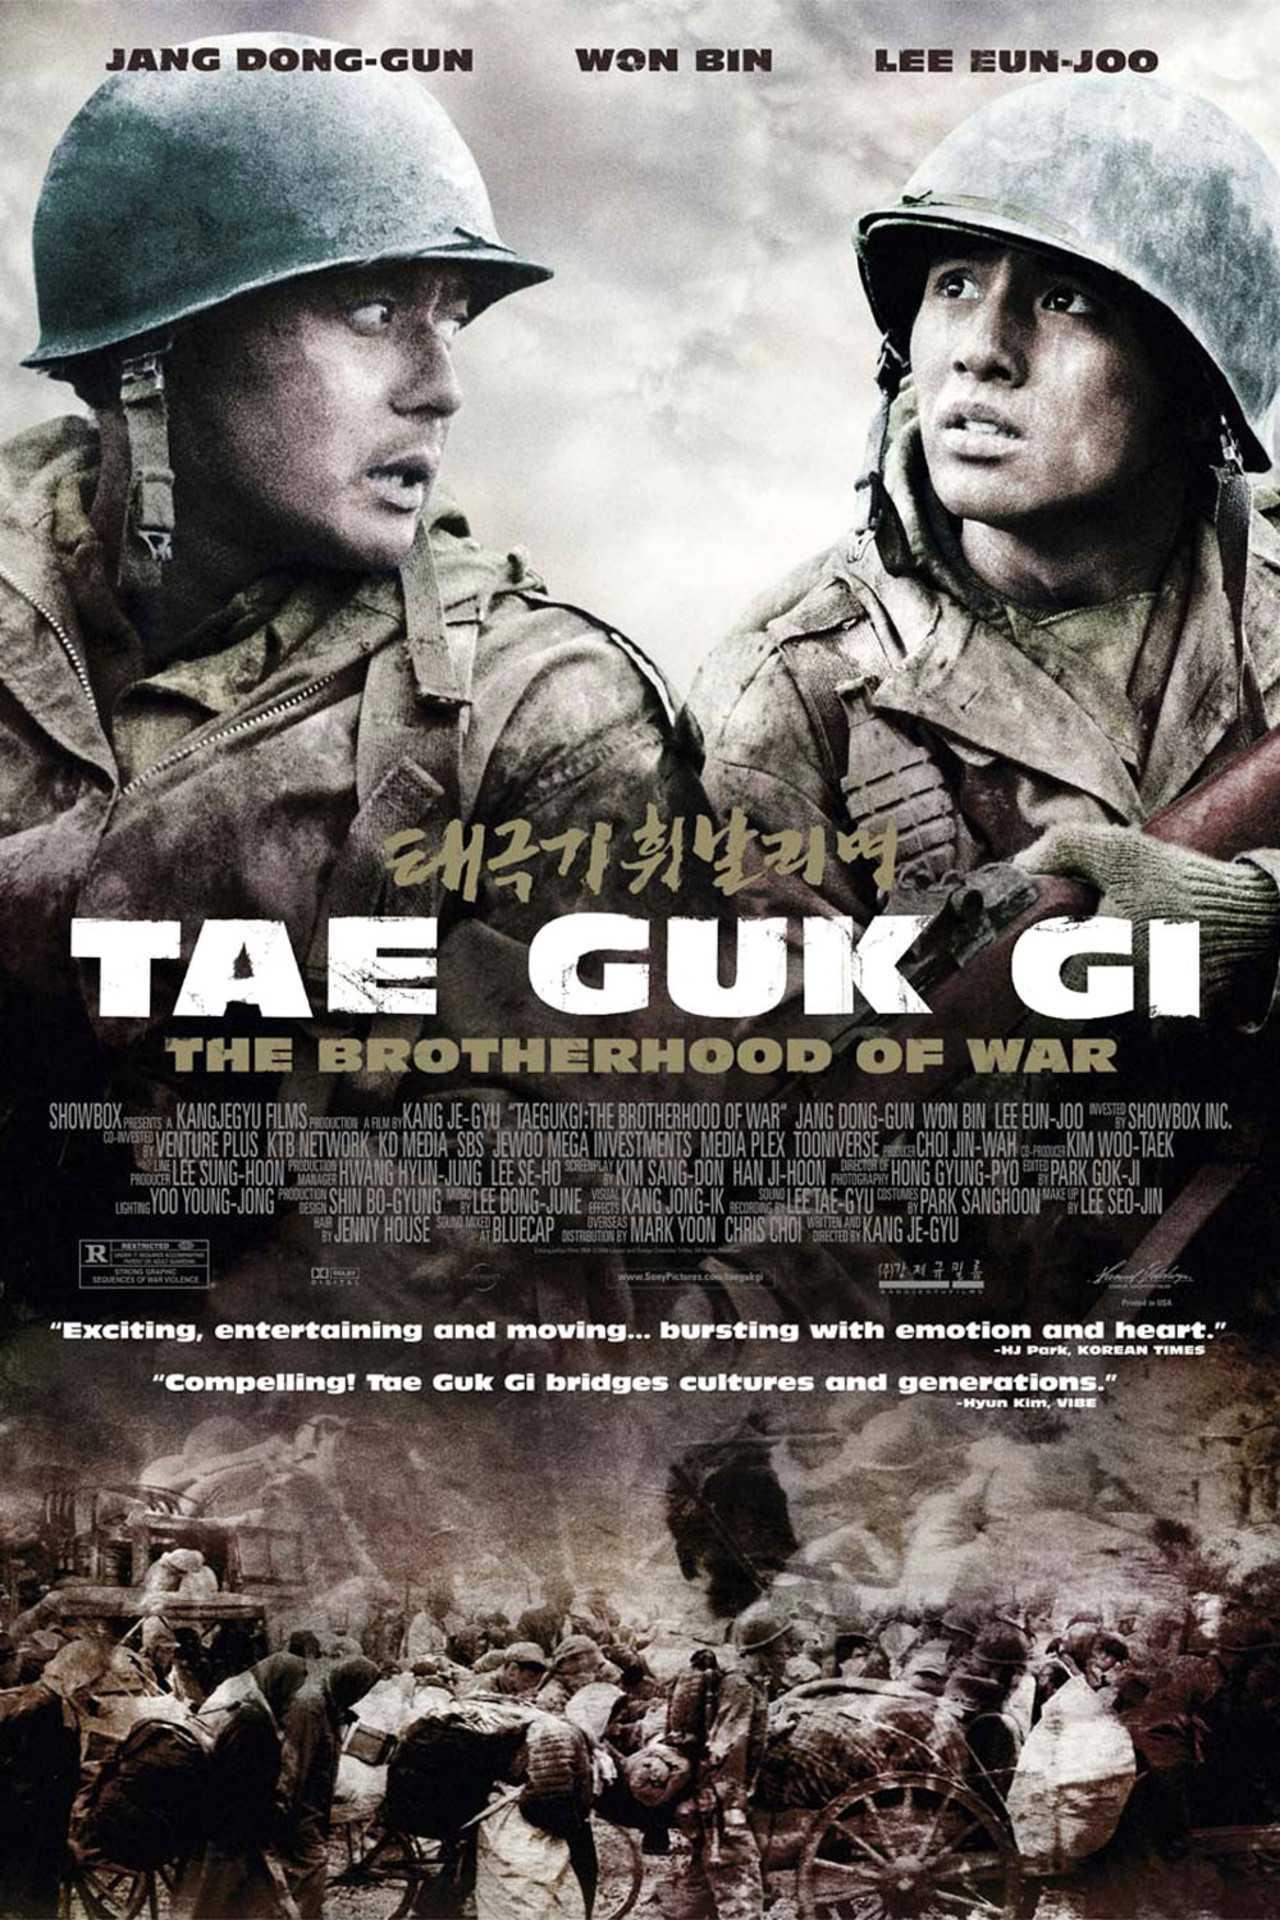 เทกึกกี-เลือดเนื้อ-เพื่อฝัน-วันสิ้นสงคราม-taegukgi-the-brotherhood-of-war-พากย์ไทย